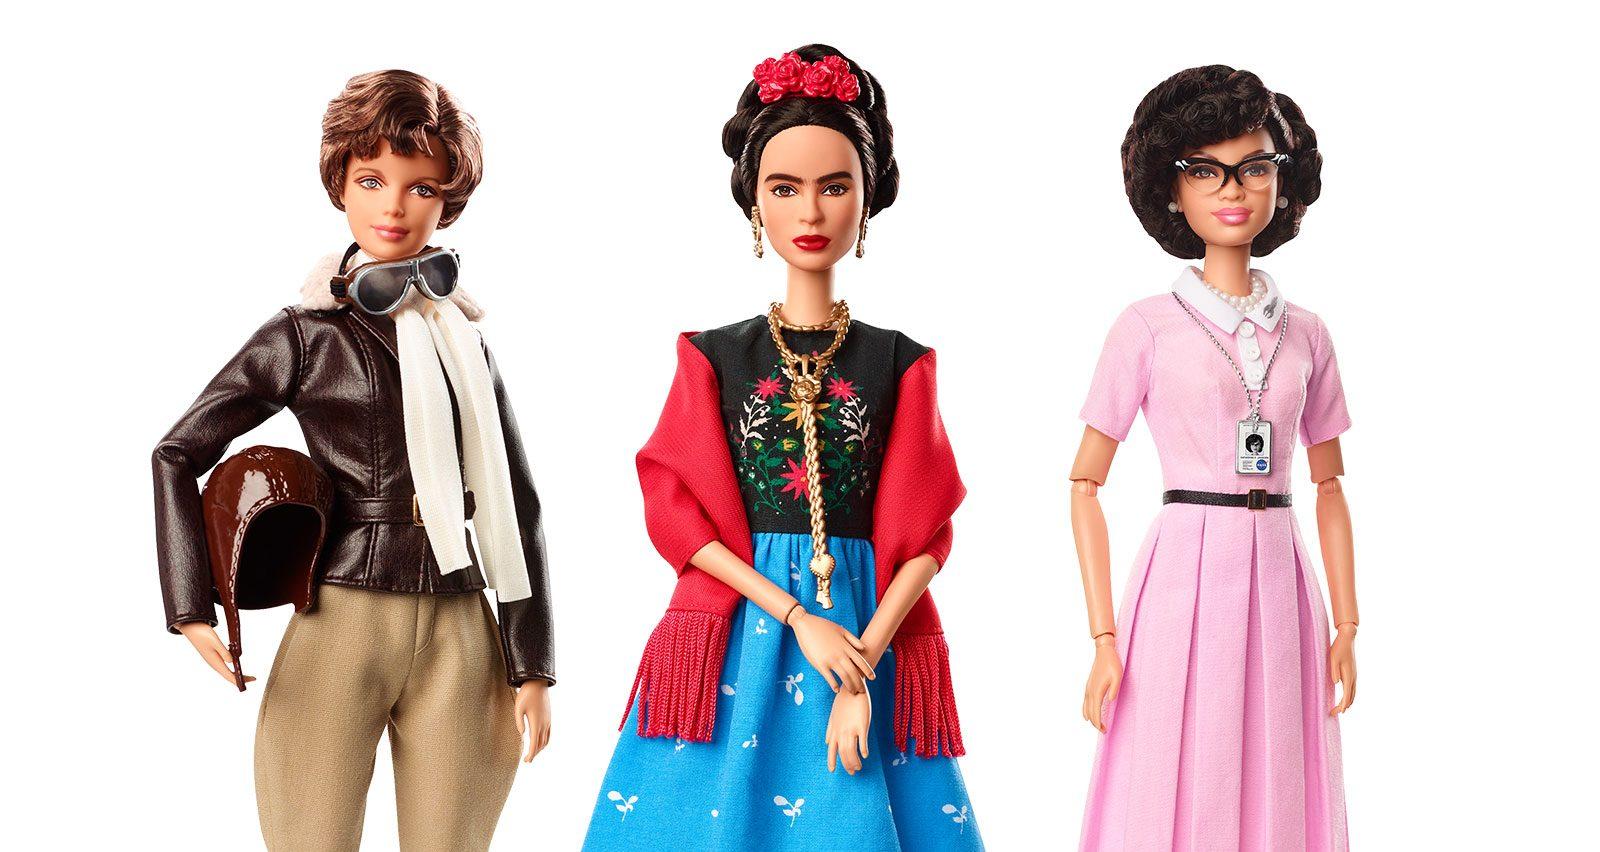 İlhamını Laverne Cox'tan Alan İlk Trans Barbie İçin Bir İmza Kampanyası Başlatıldı